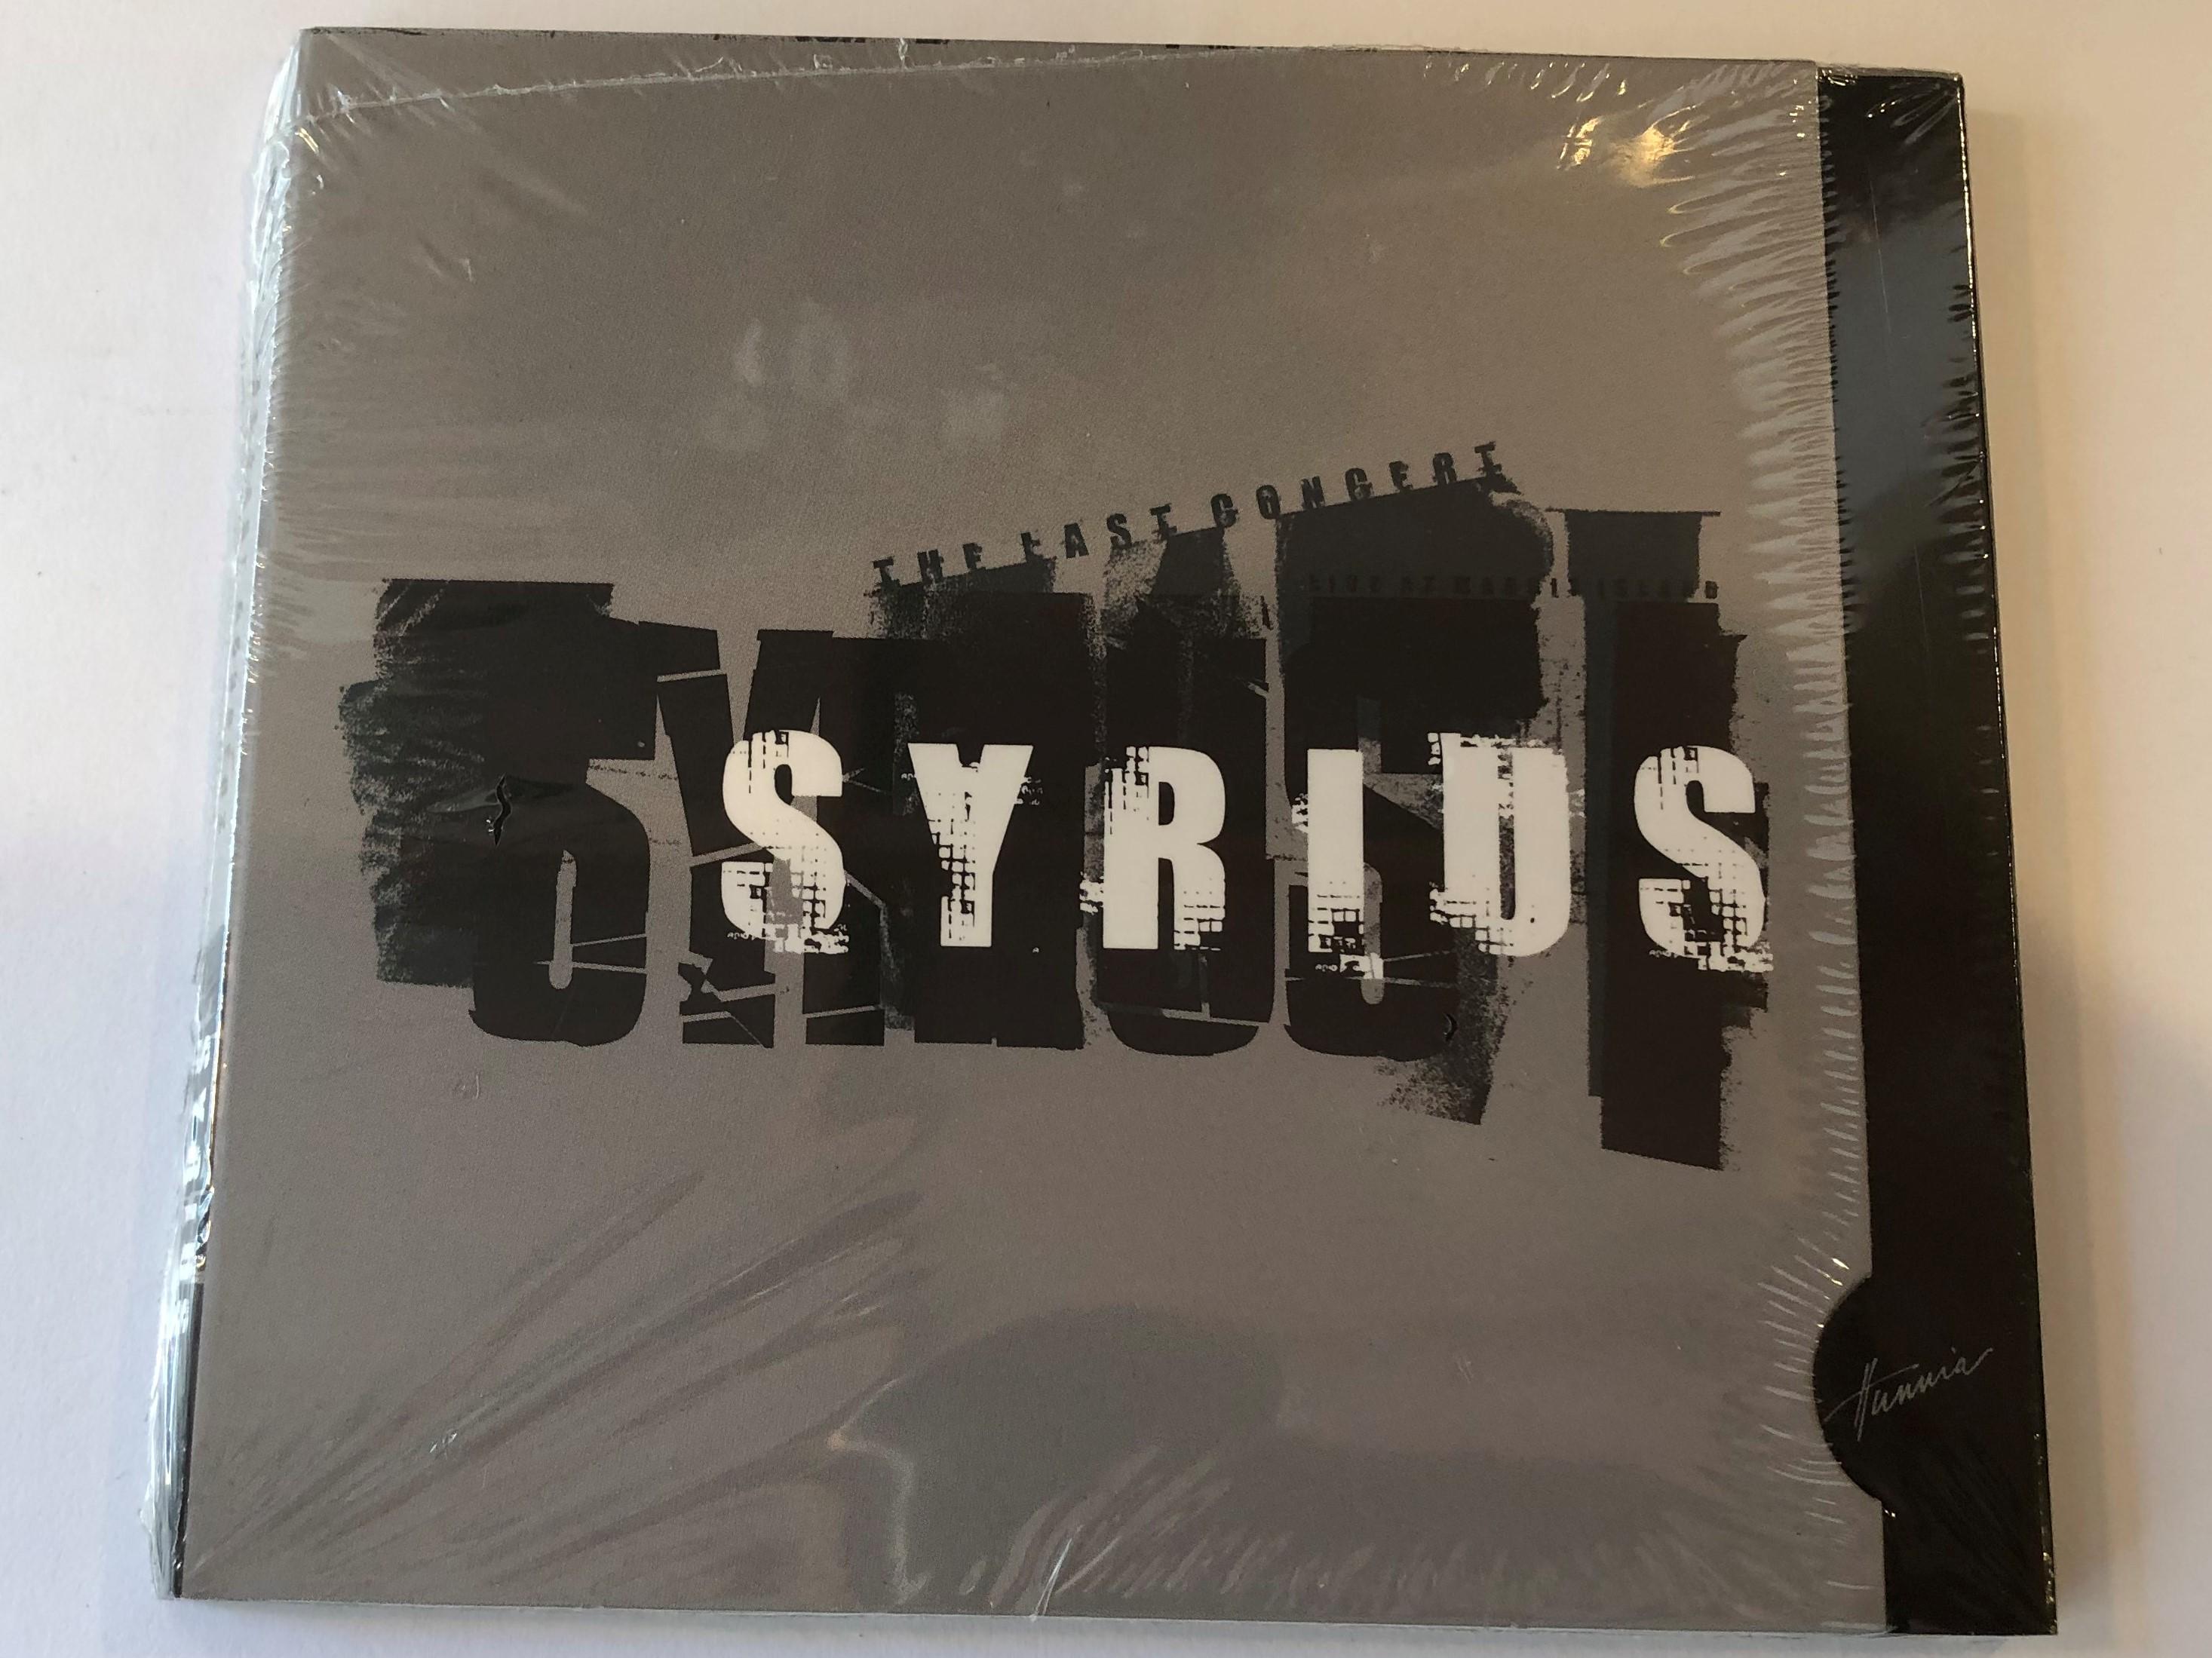 syrius-the-last-concert-audio-cd-5999883042120-1-.jpg